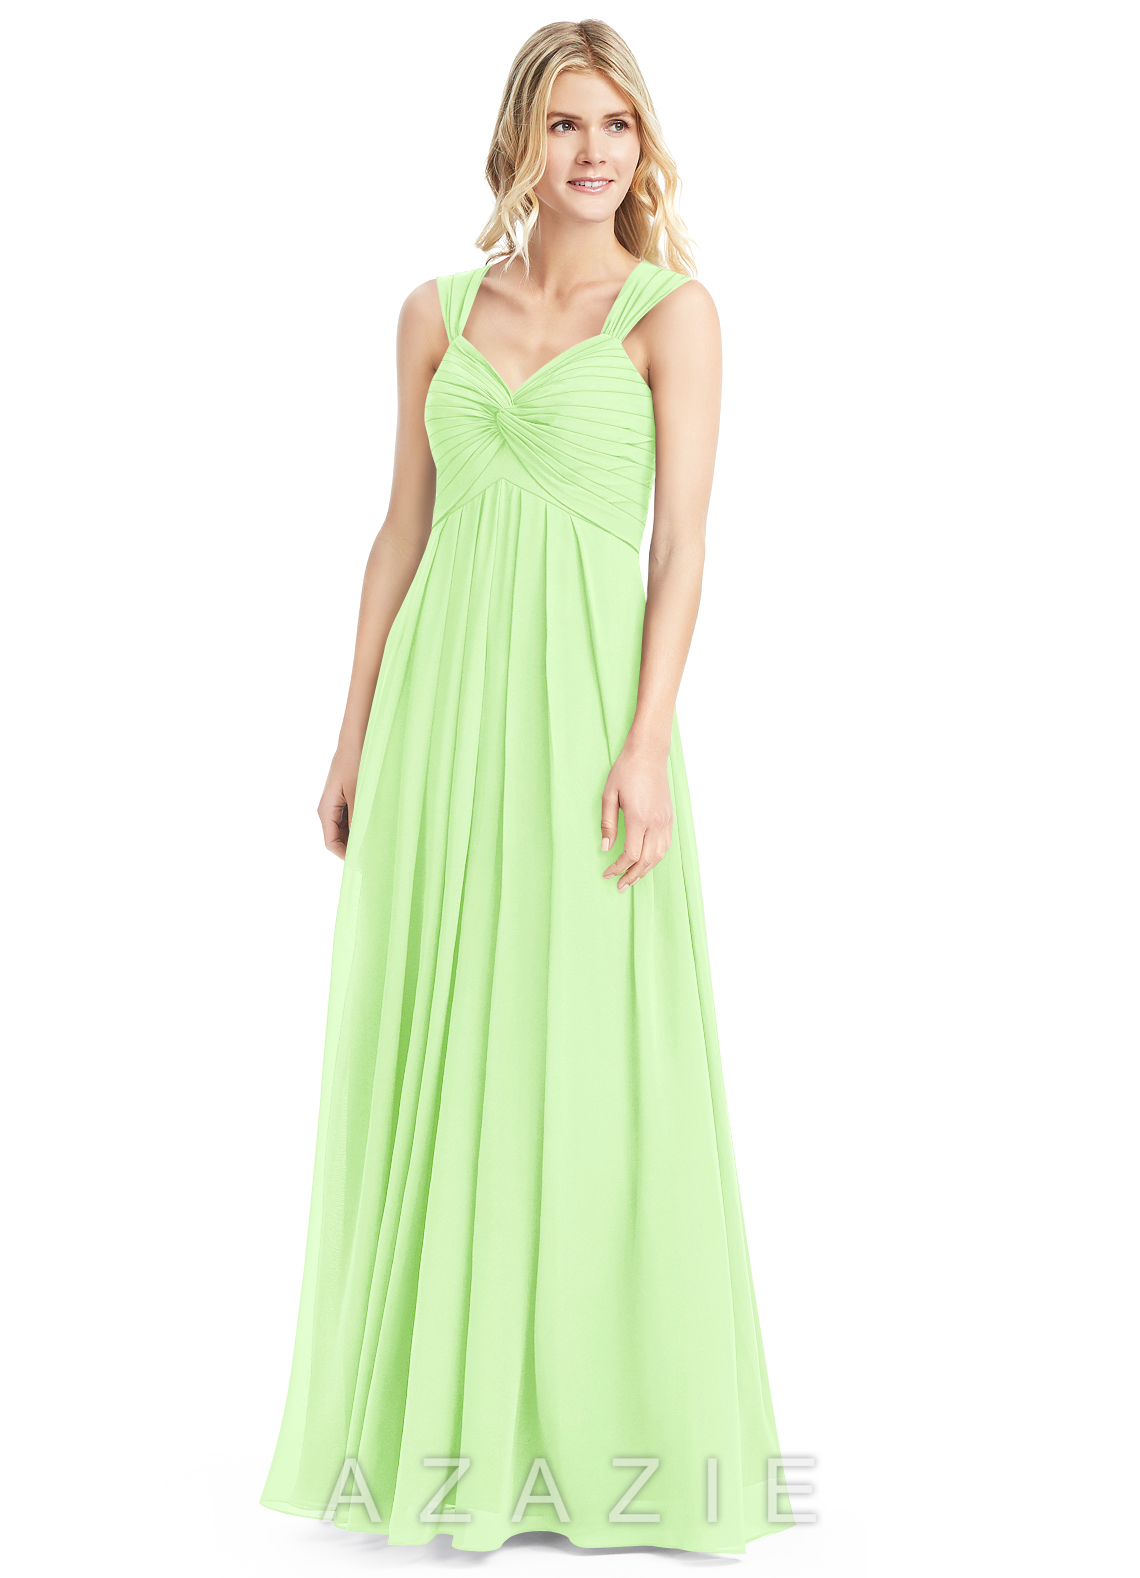 Azazie kaitlynn bridesmaid dress azazie loading zoom ombrellifo Choice Image